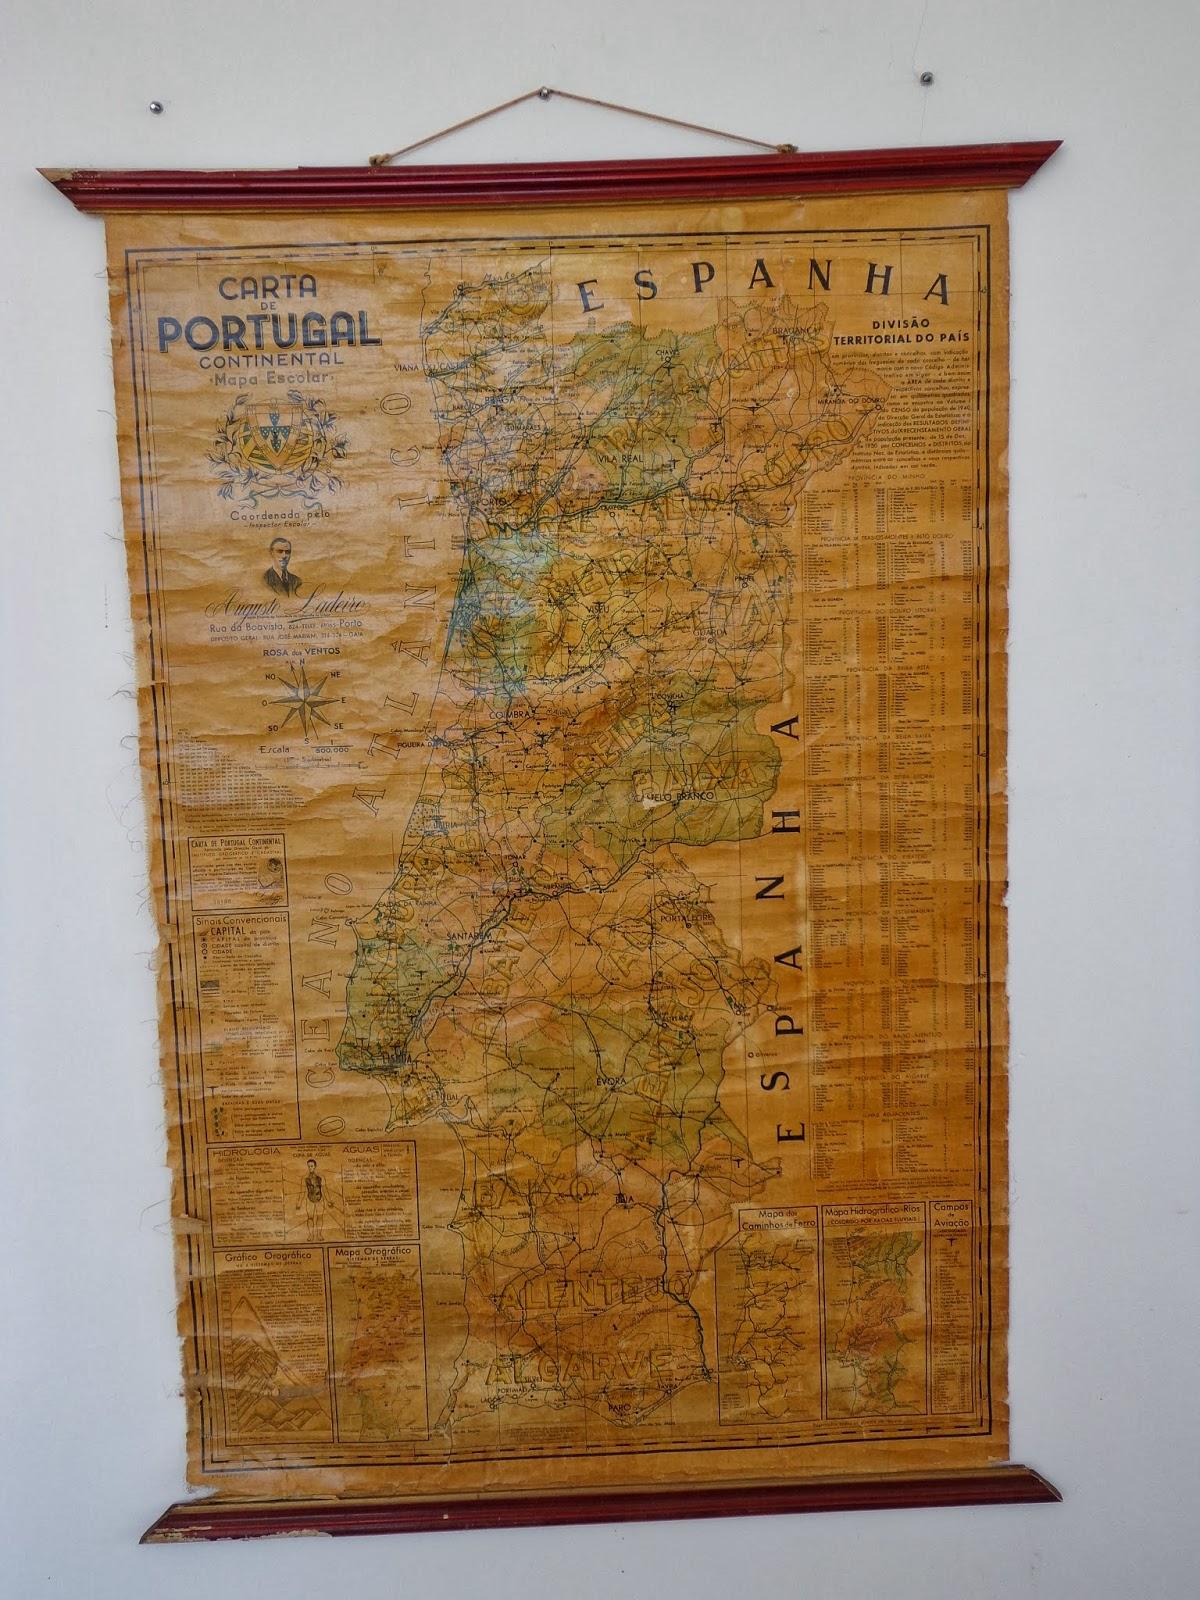 portugal mapa escolar porto editora mapa escolar Fim de Semana Alucinante: Carta de Portugal Continental (Mapa Escolar) portugal mapa escolar porto editora mapa escolar